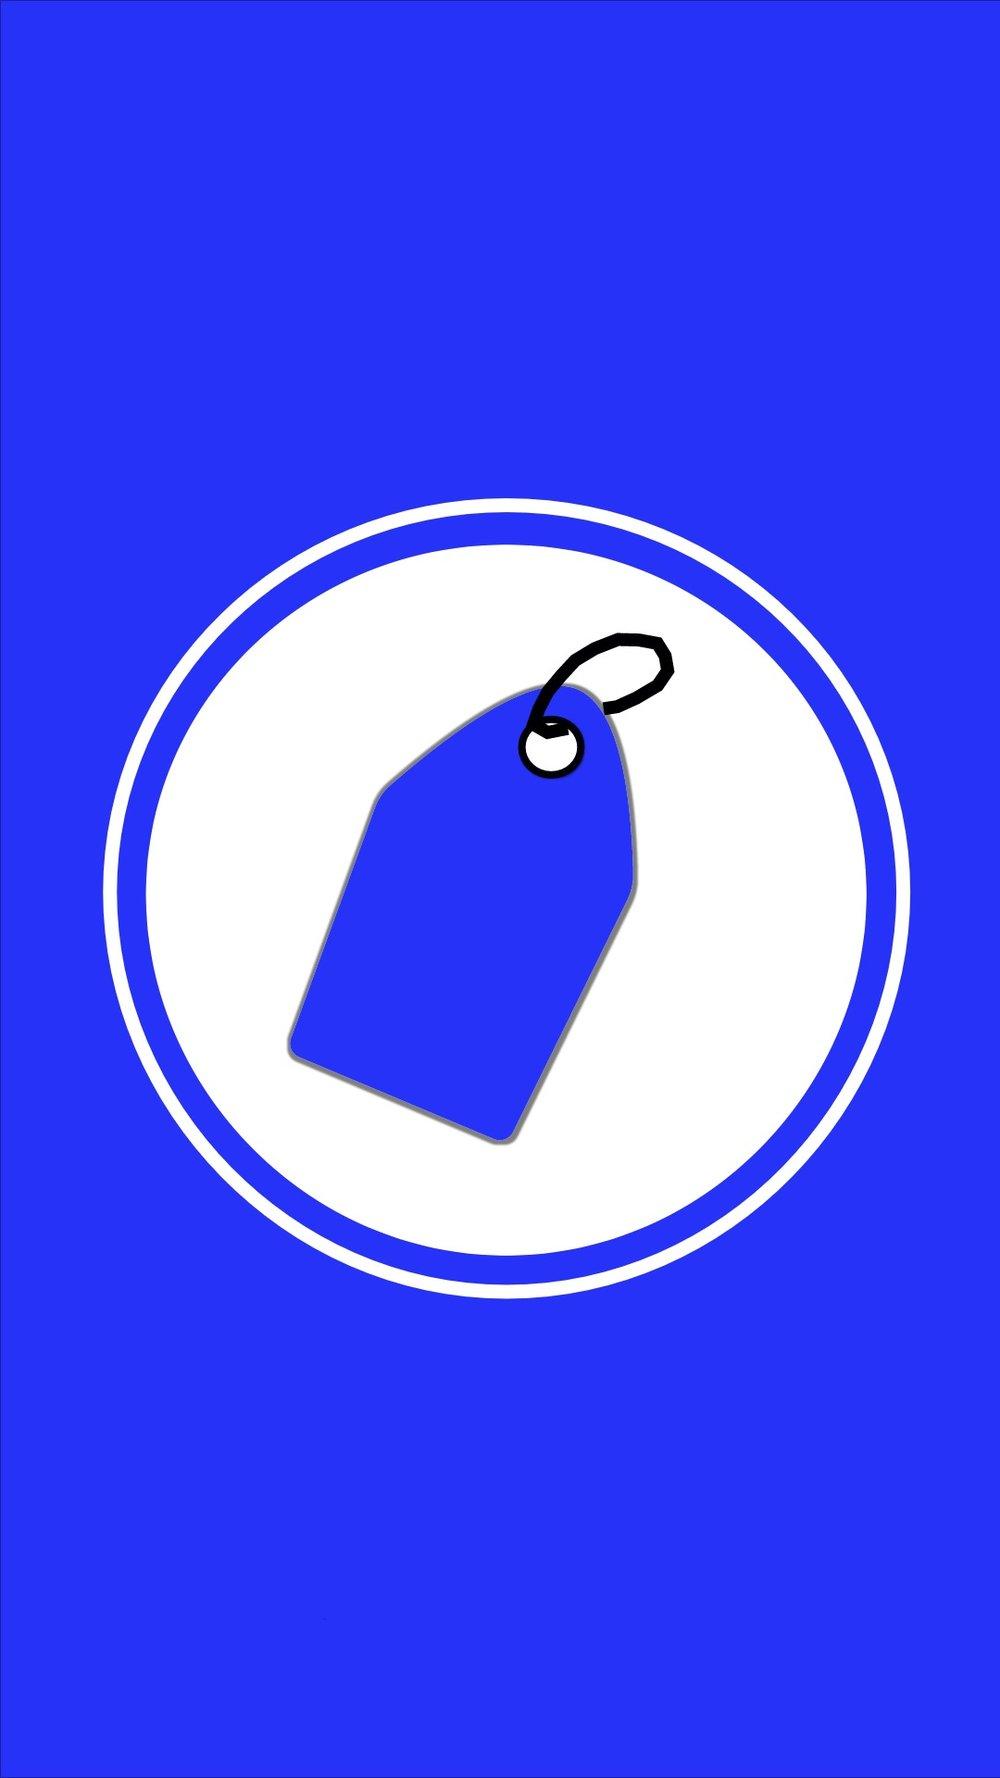 Instagram-cover-tag-blue-lotnotes.com.jpg